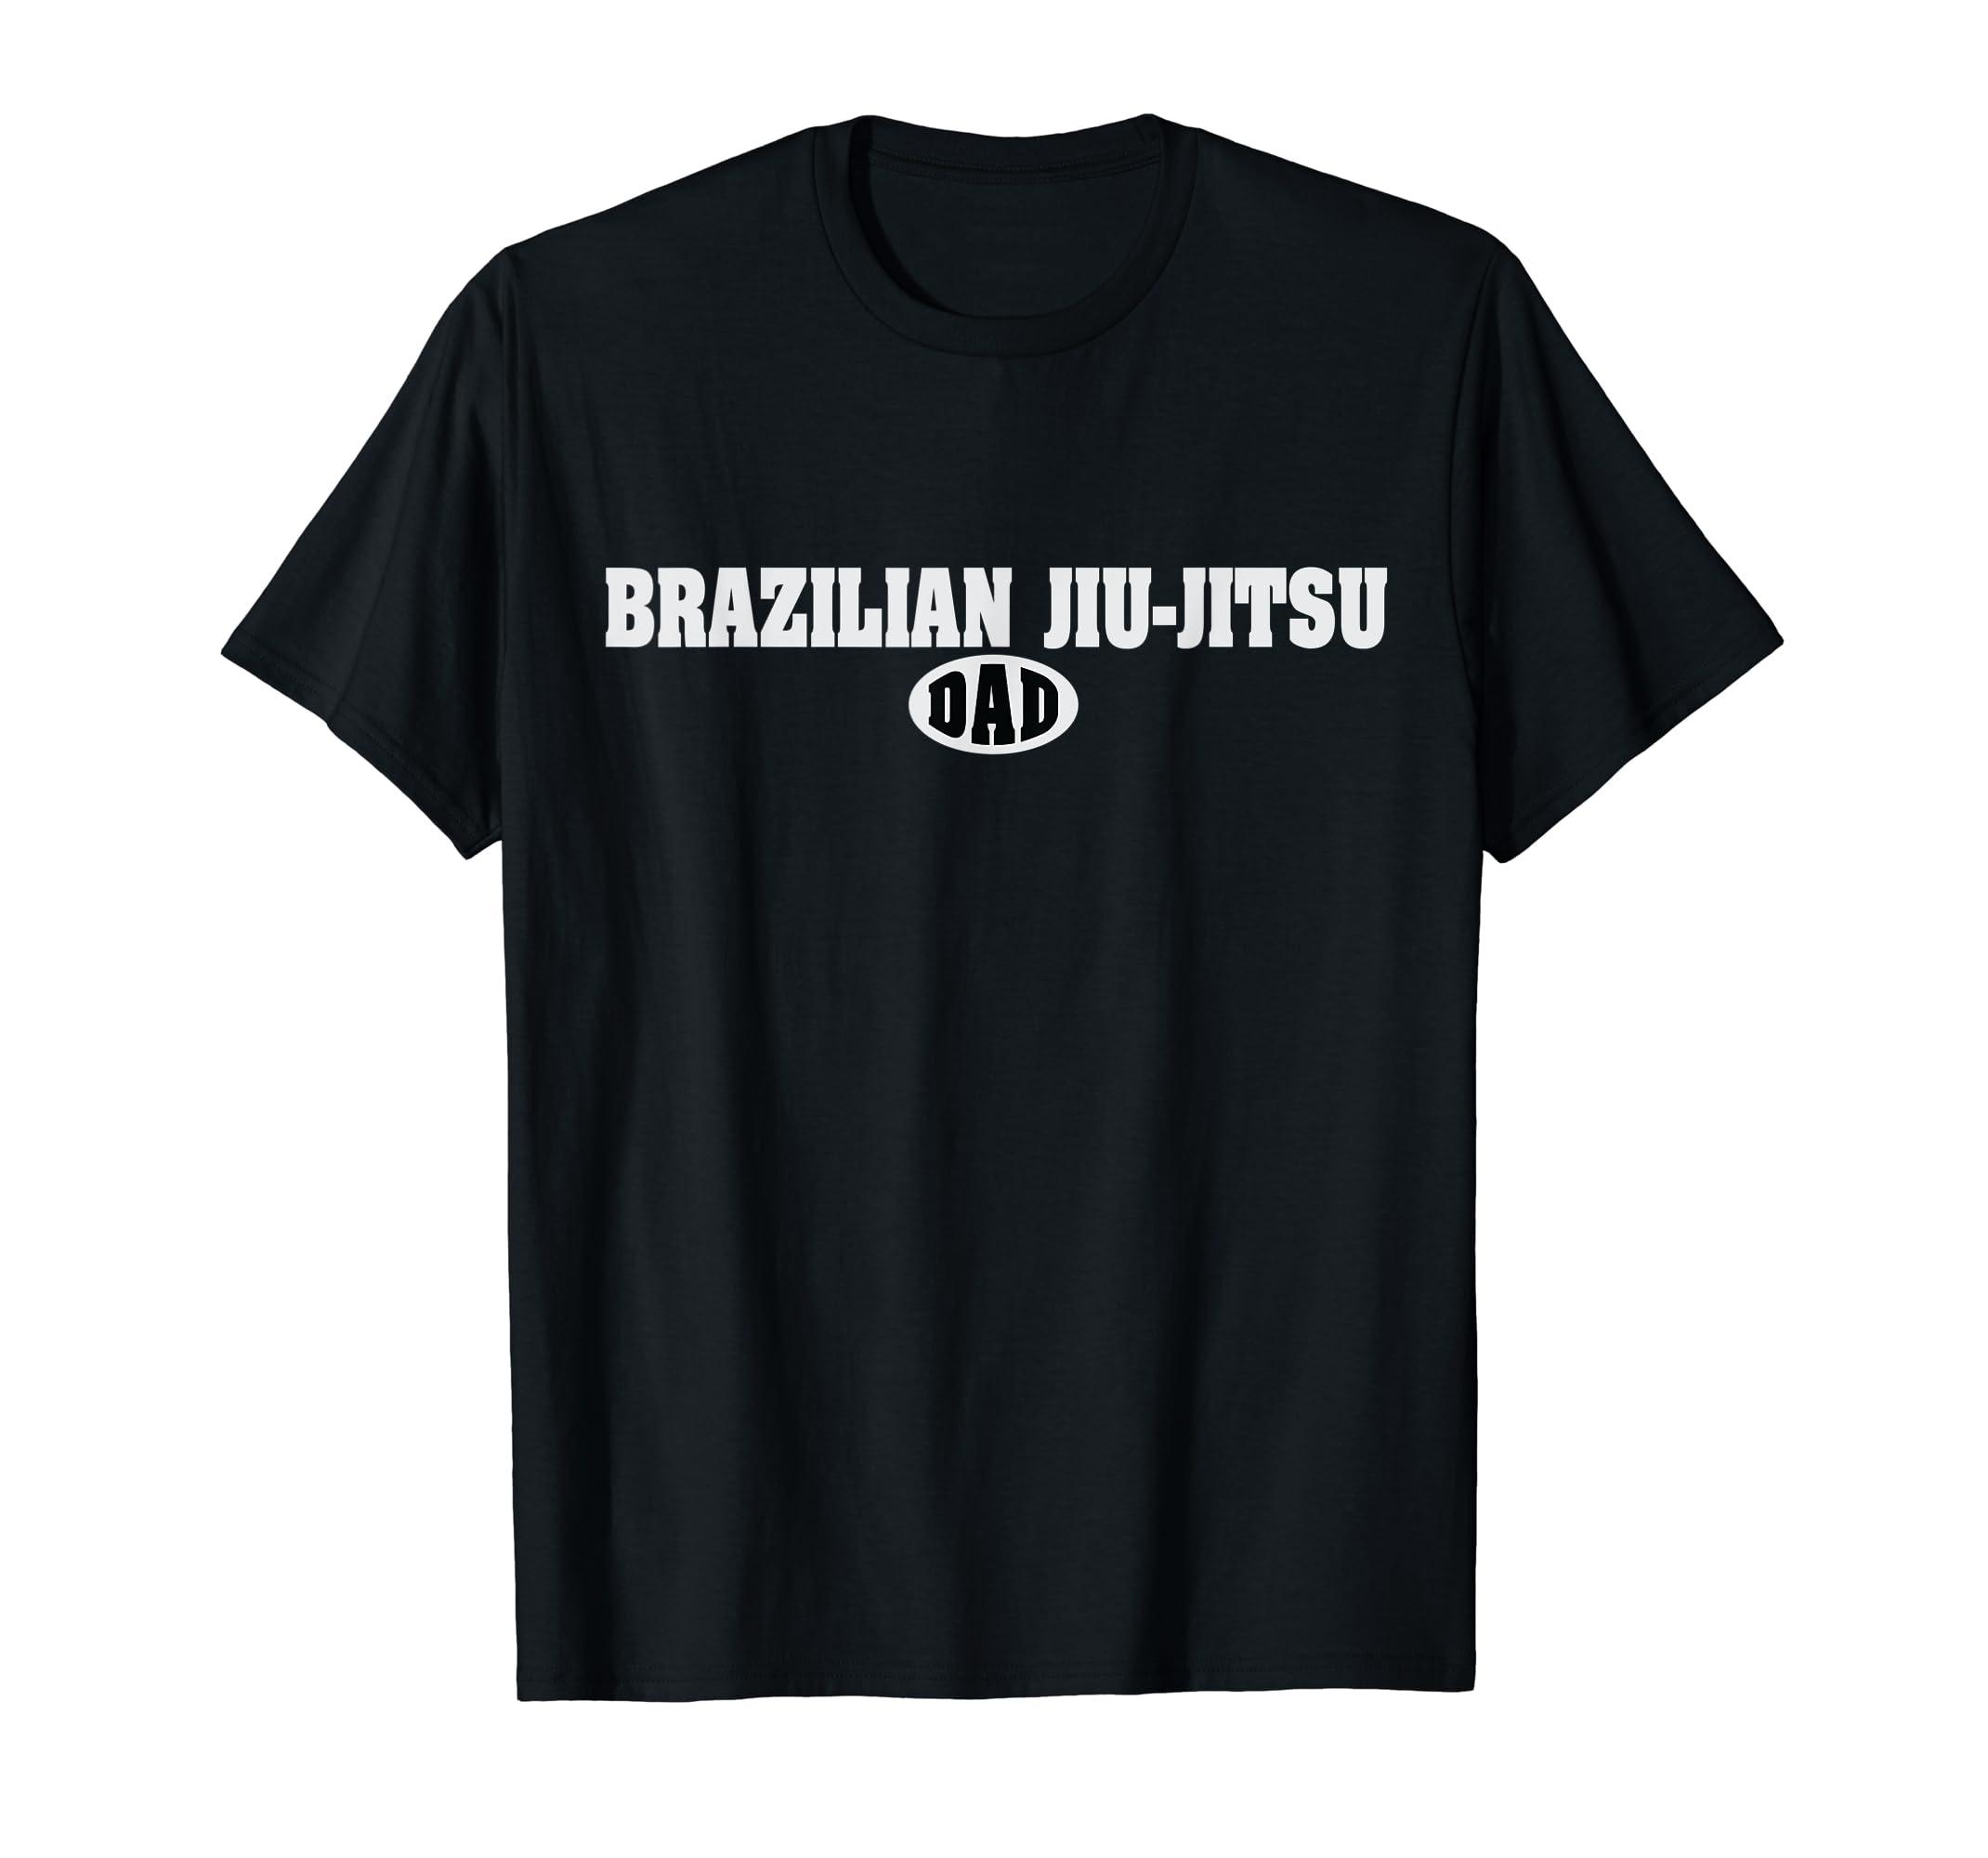 b3281cd7 Amazon.com: Mens BJJ Dad Brazilian Jiu Jitsu Dad T-Shirt: Clothing